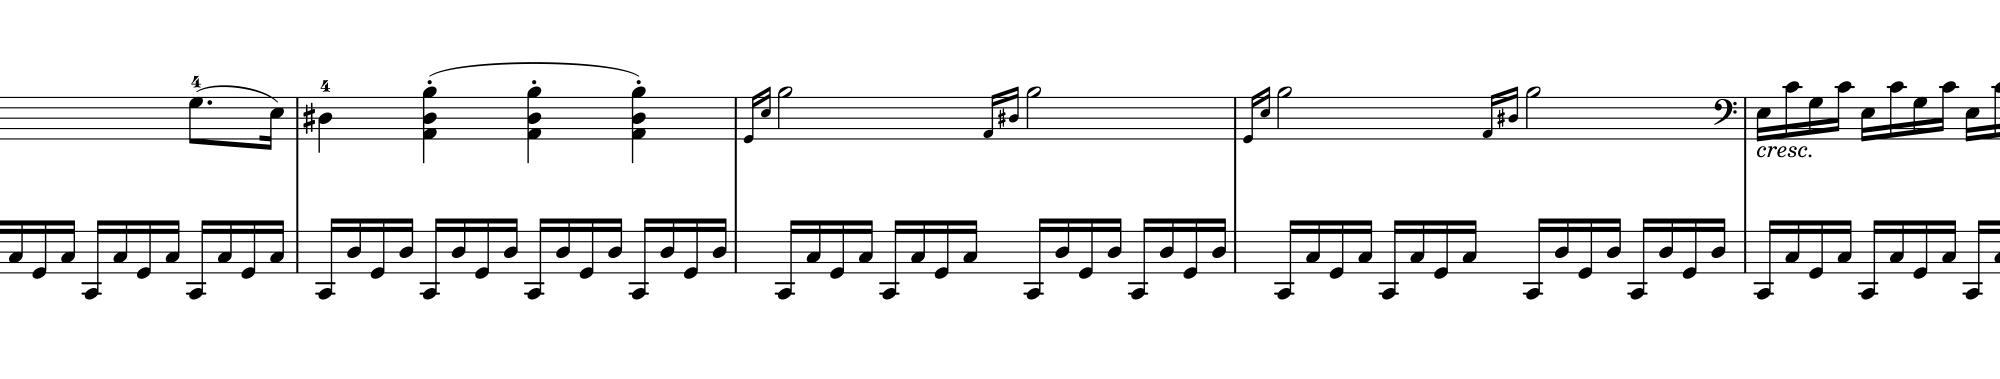 Part_32_150